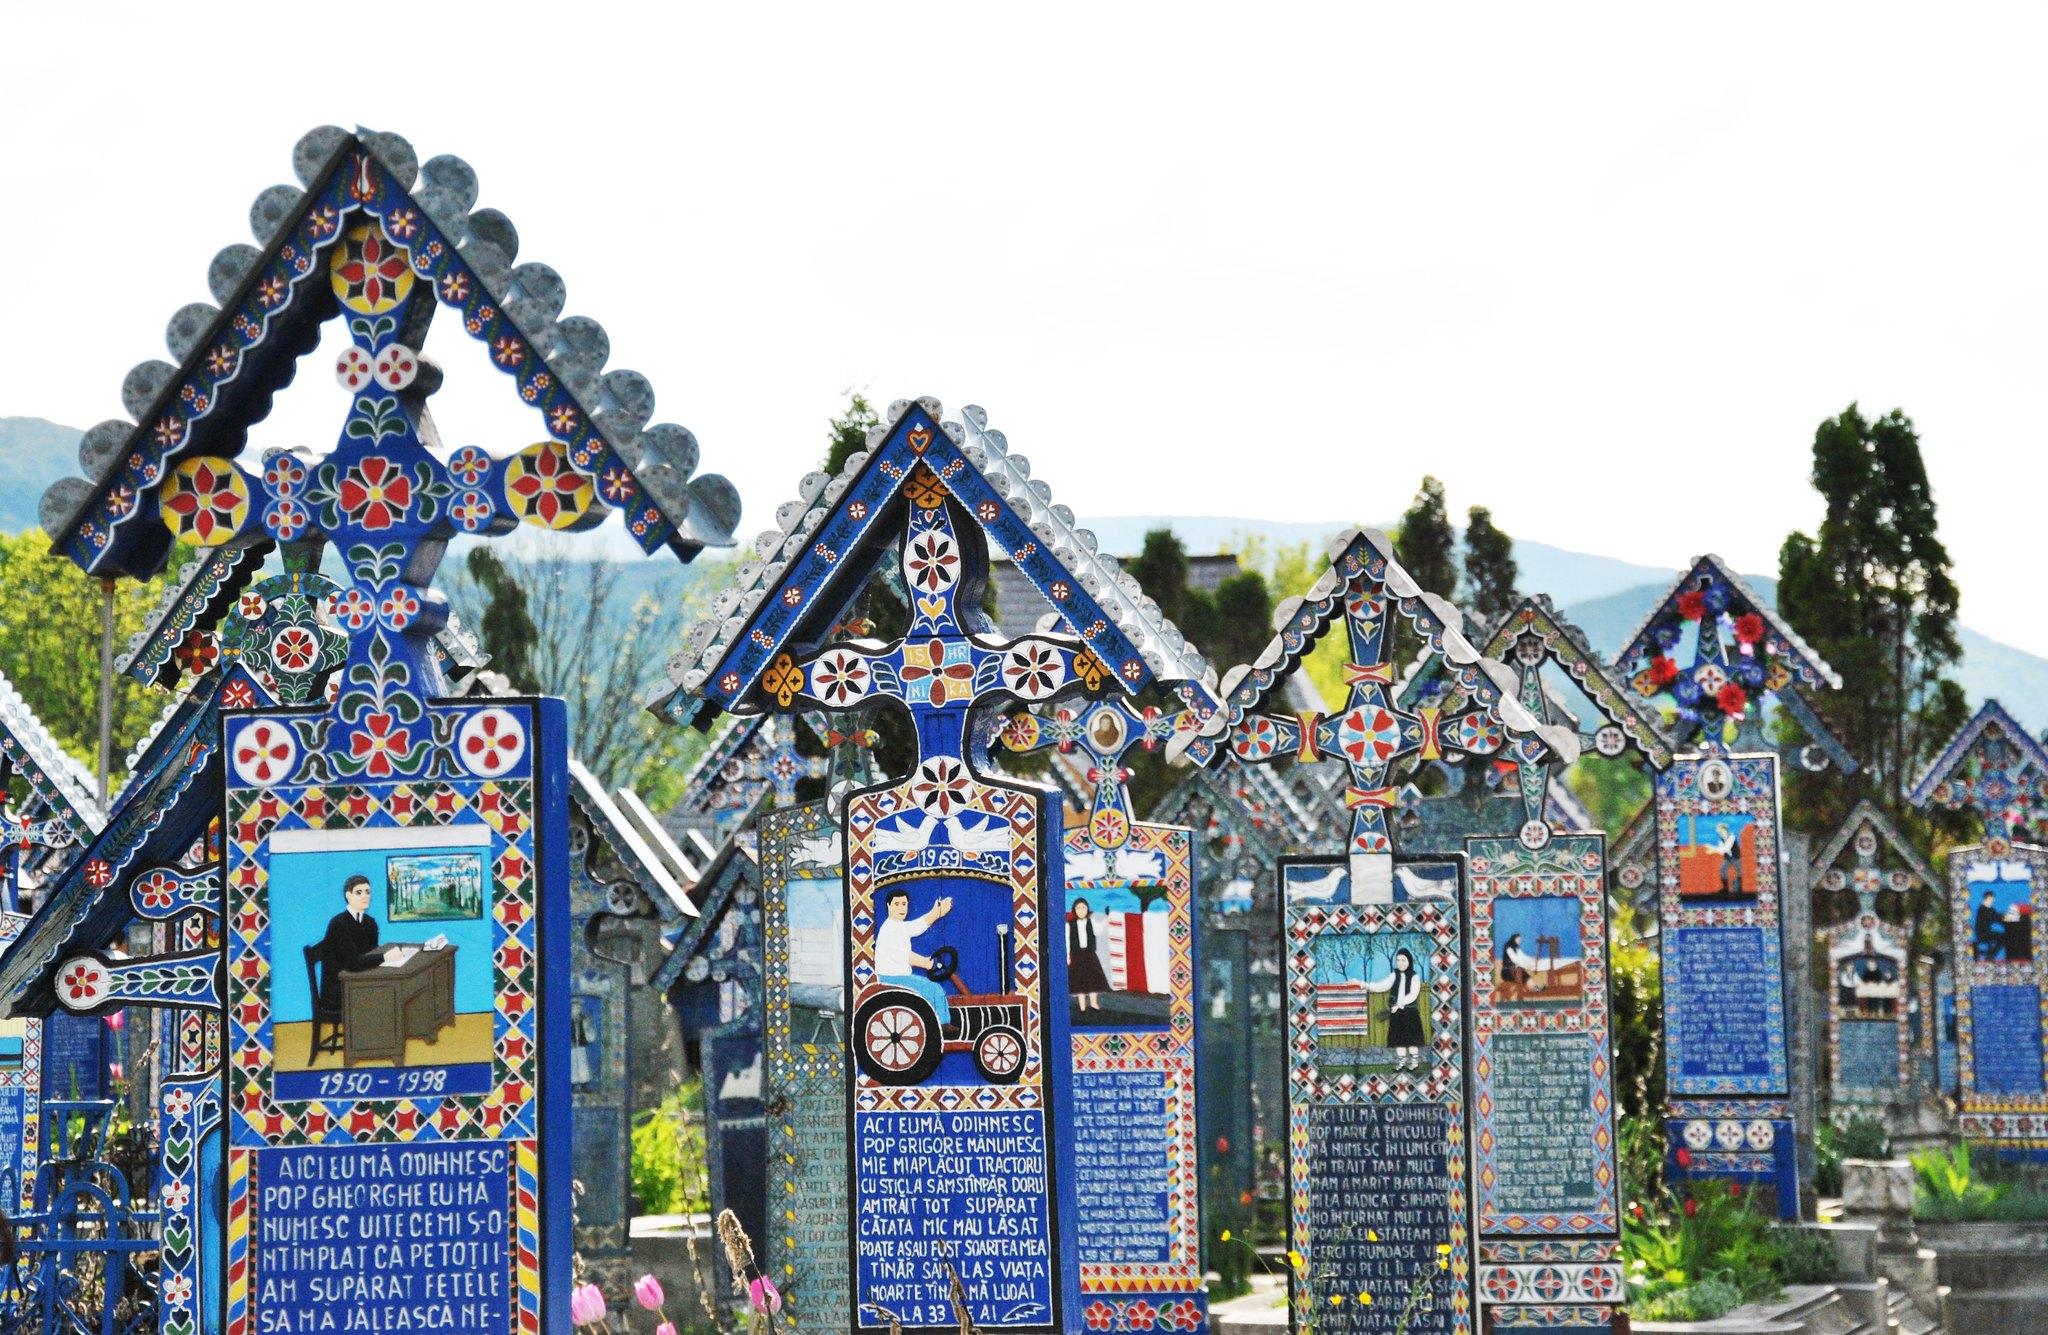 Cimiteri più strani del mondo: stranezze internazionali